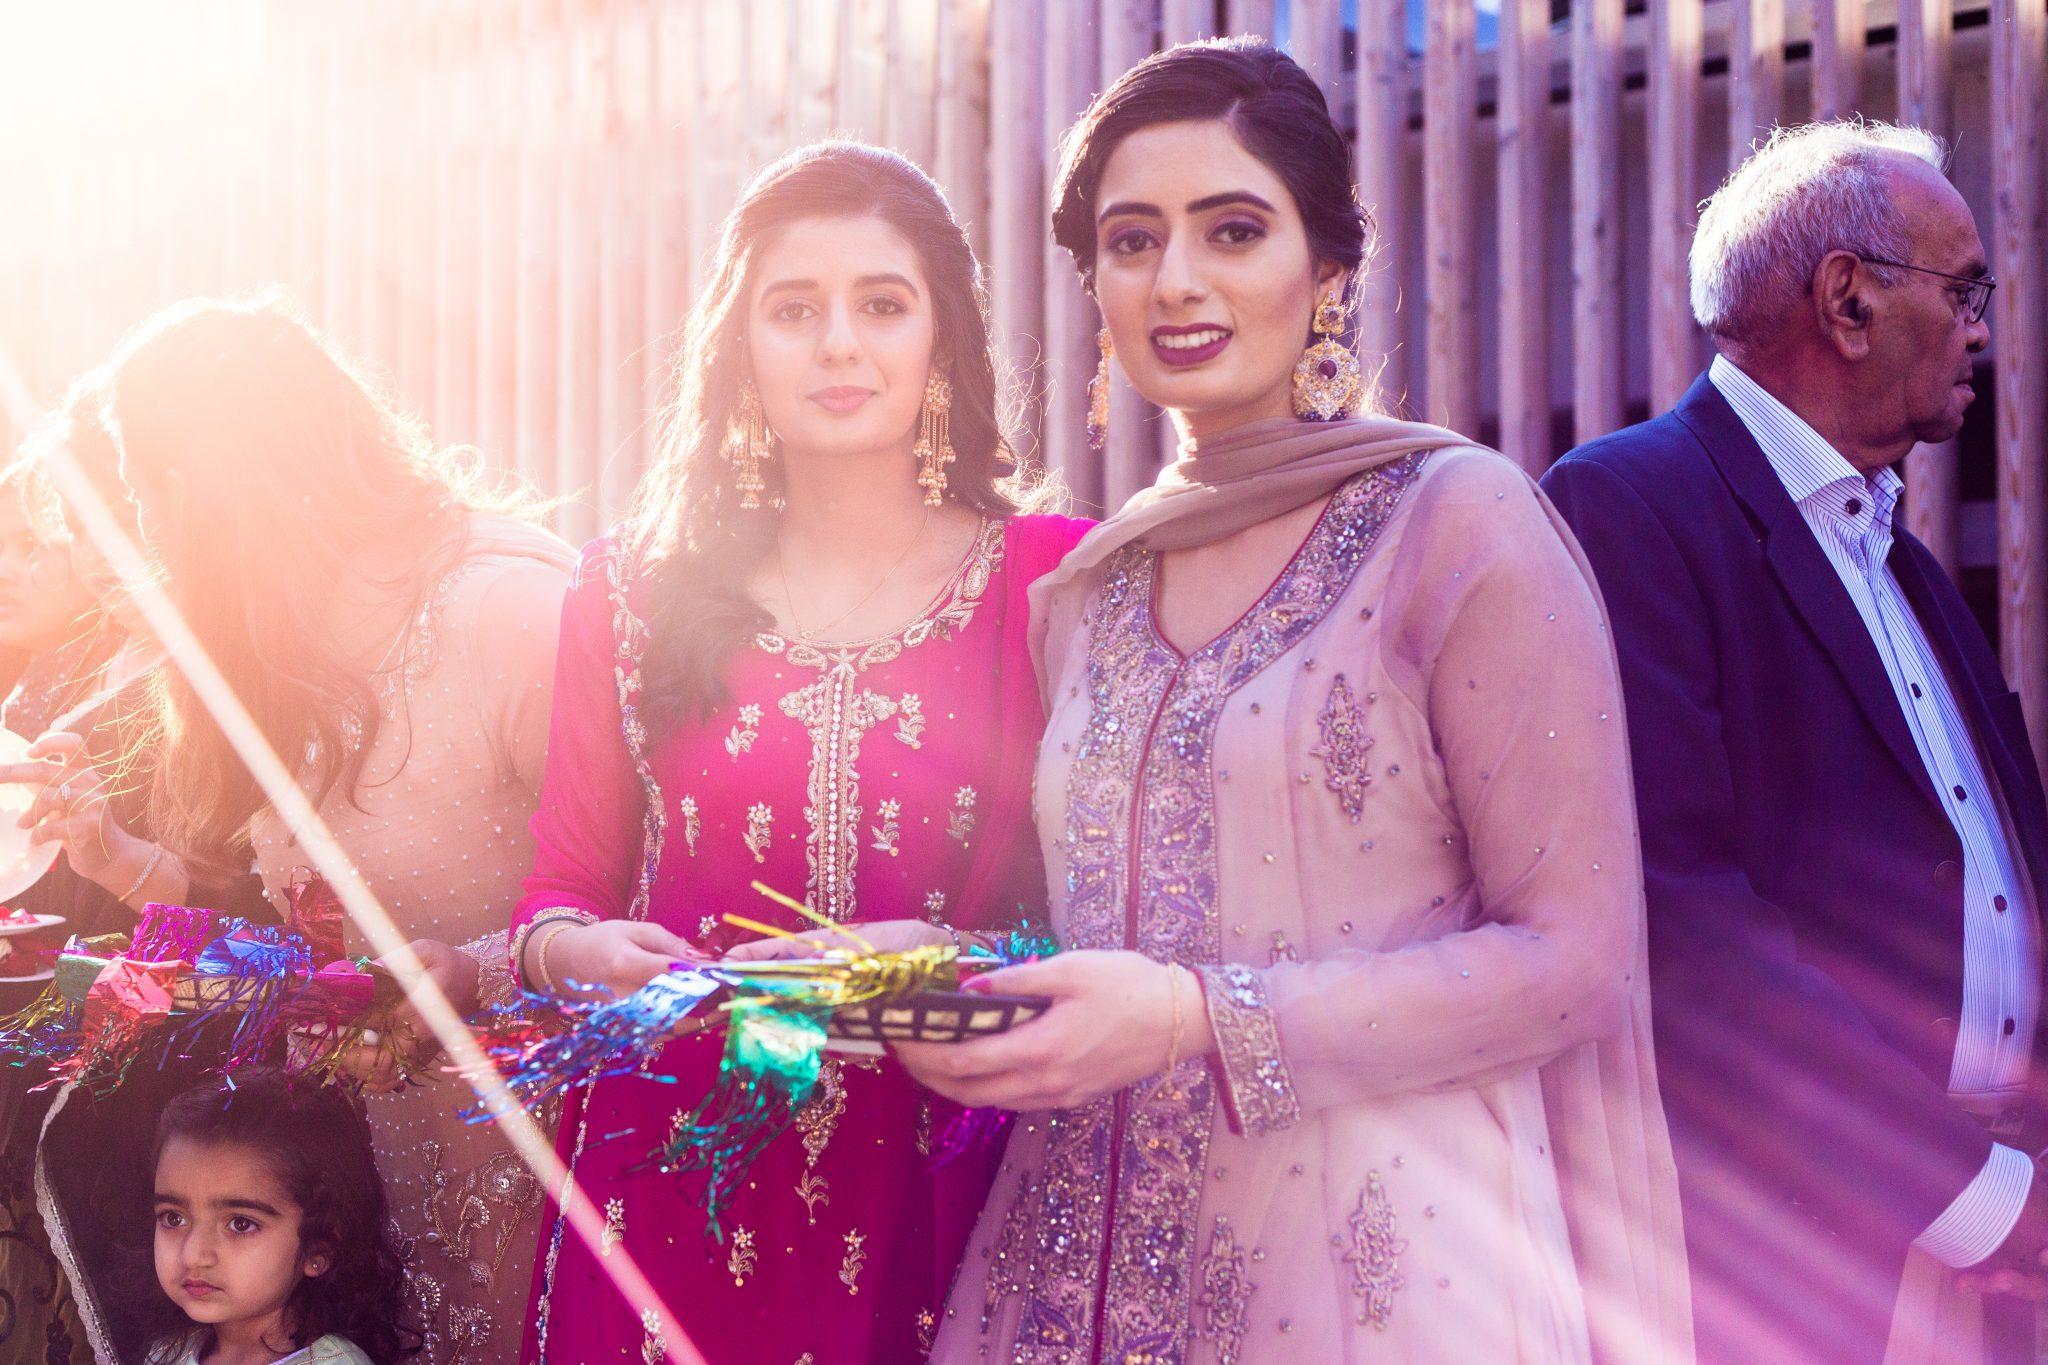 Brudens familie skal ønske brudgommen velkommen i et pakistansk bryllup